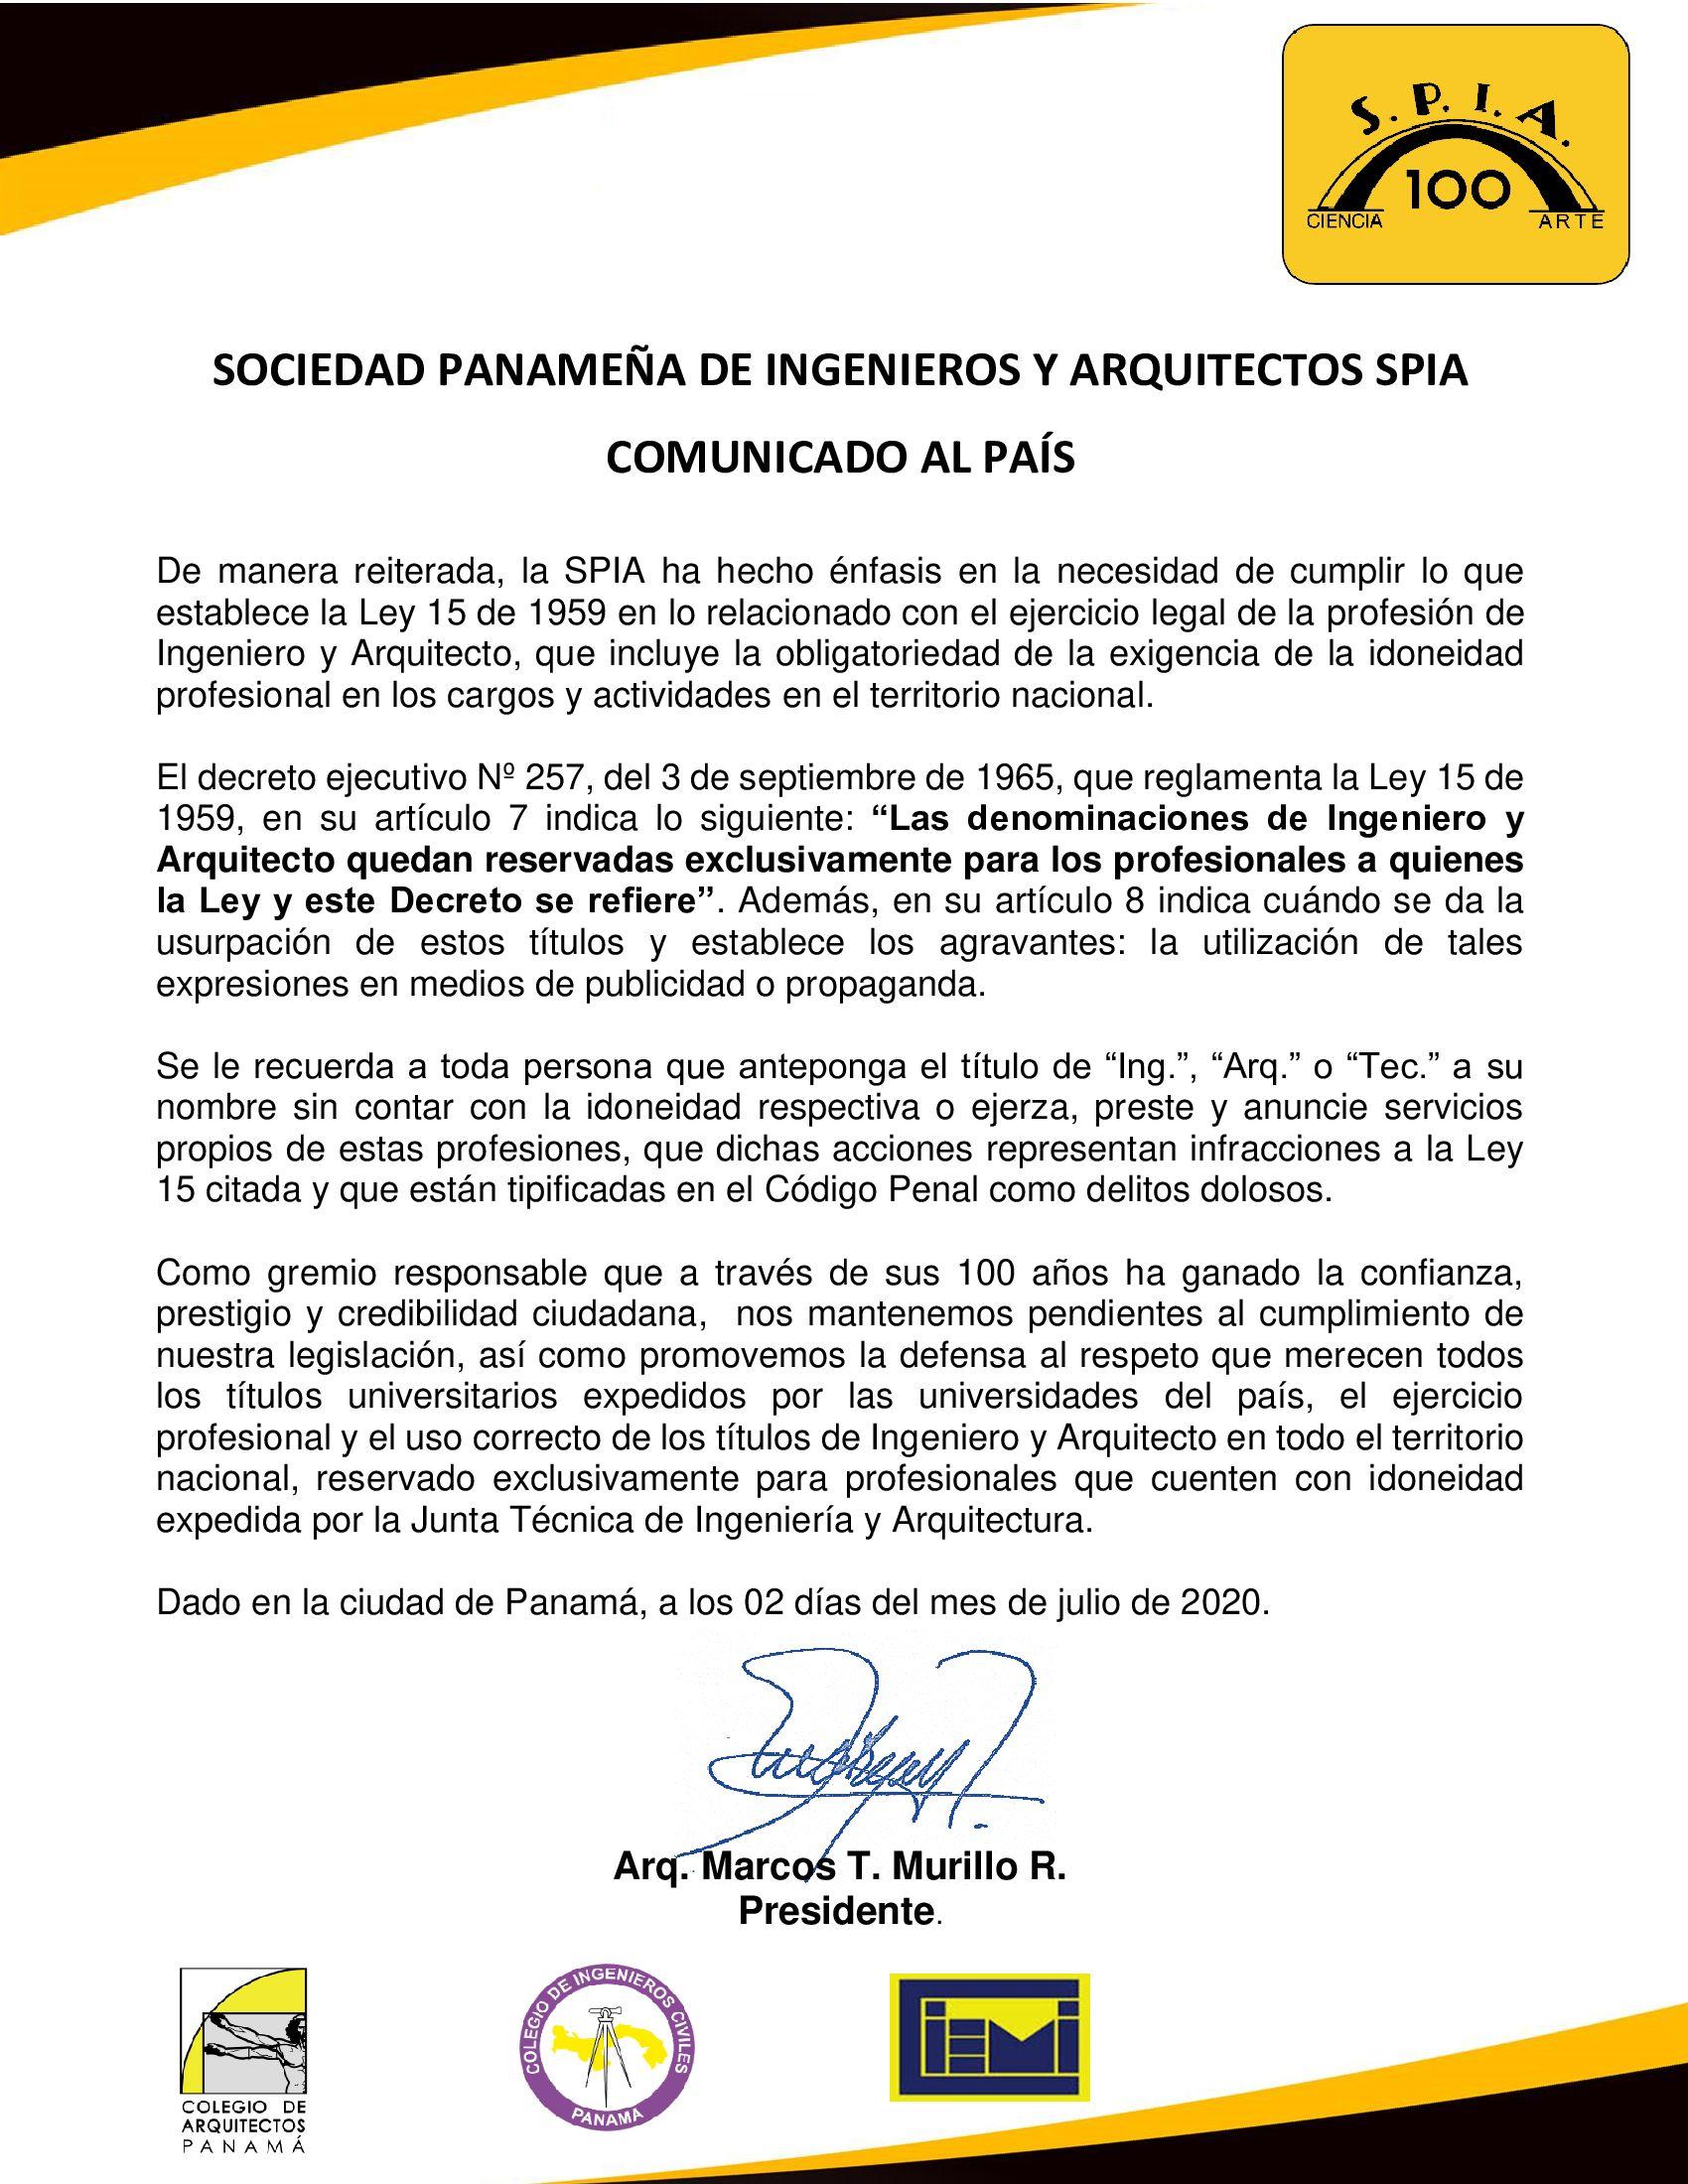 COMUNICADO-AL-PAIS-02-DE-JULIO-DP Firmado